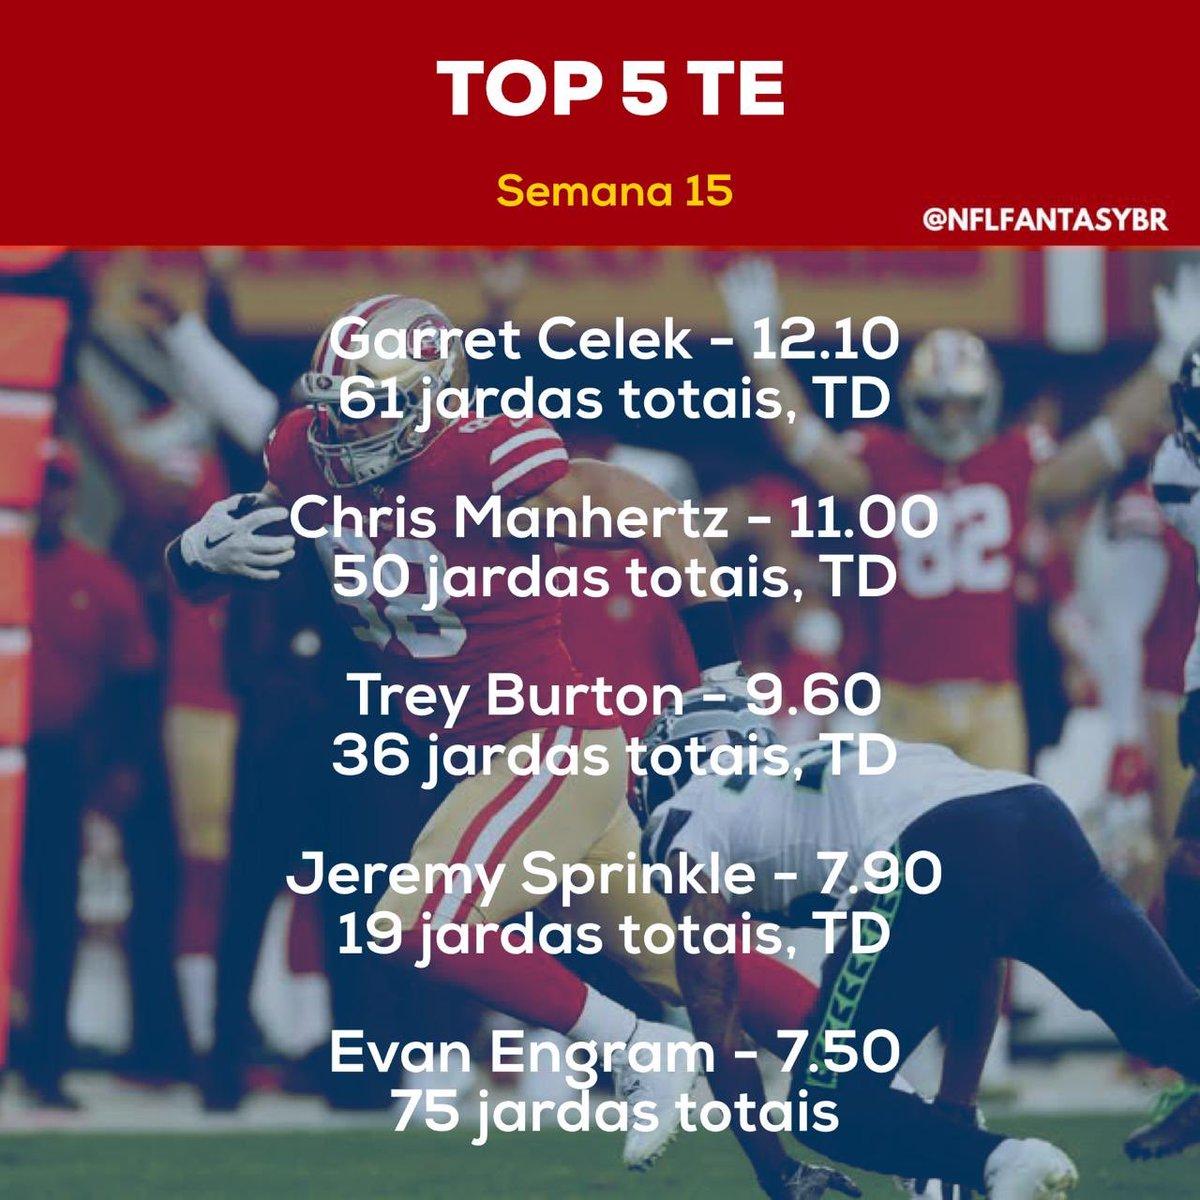 #NFLnaESPN Latest News Trends Updates Images - NFLFantasyBR_